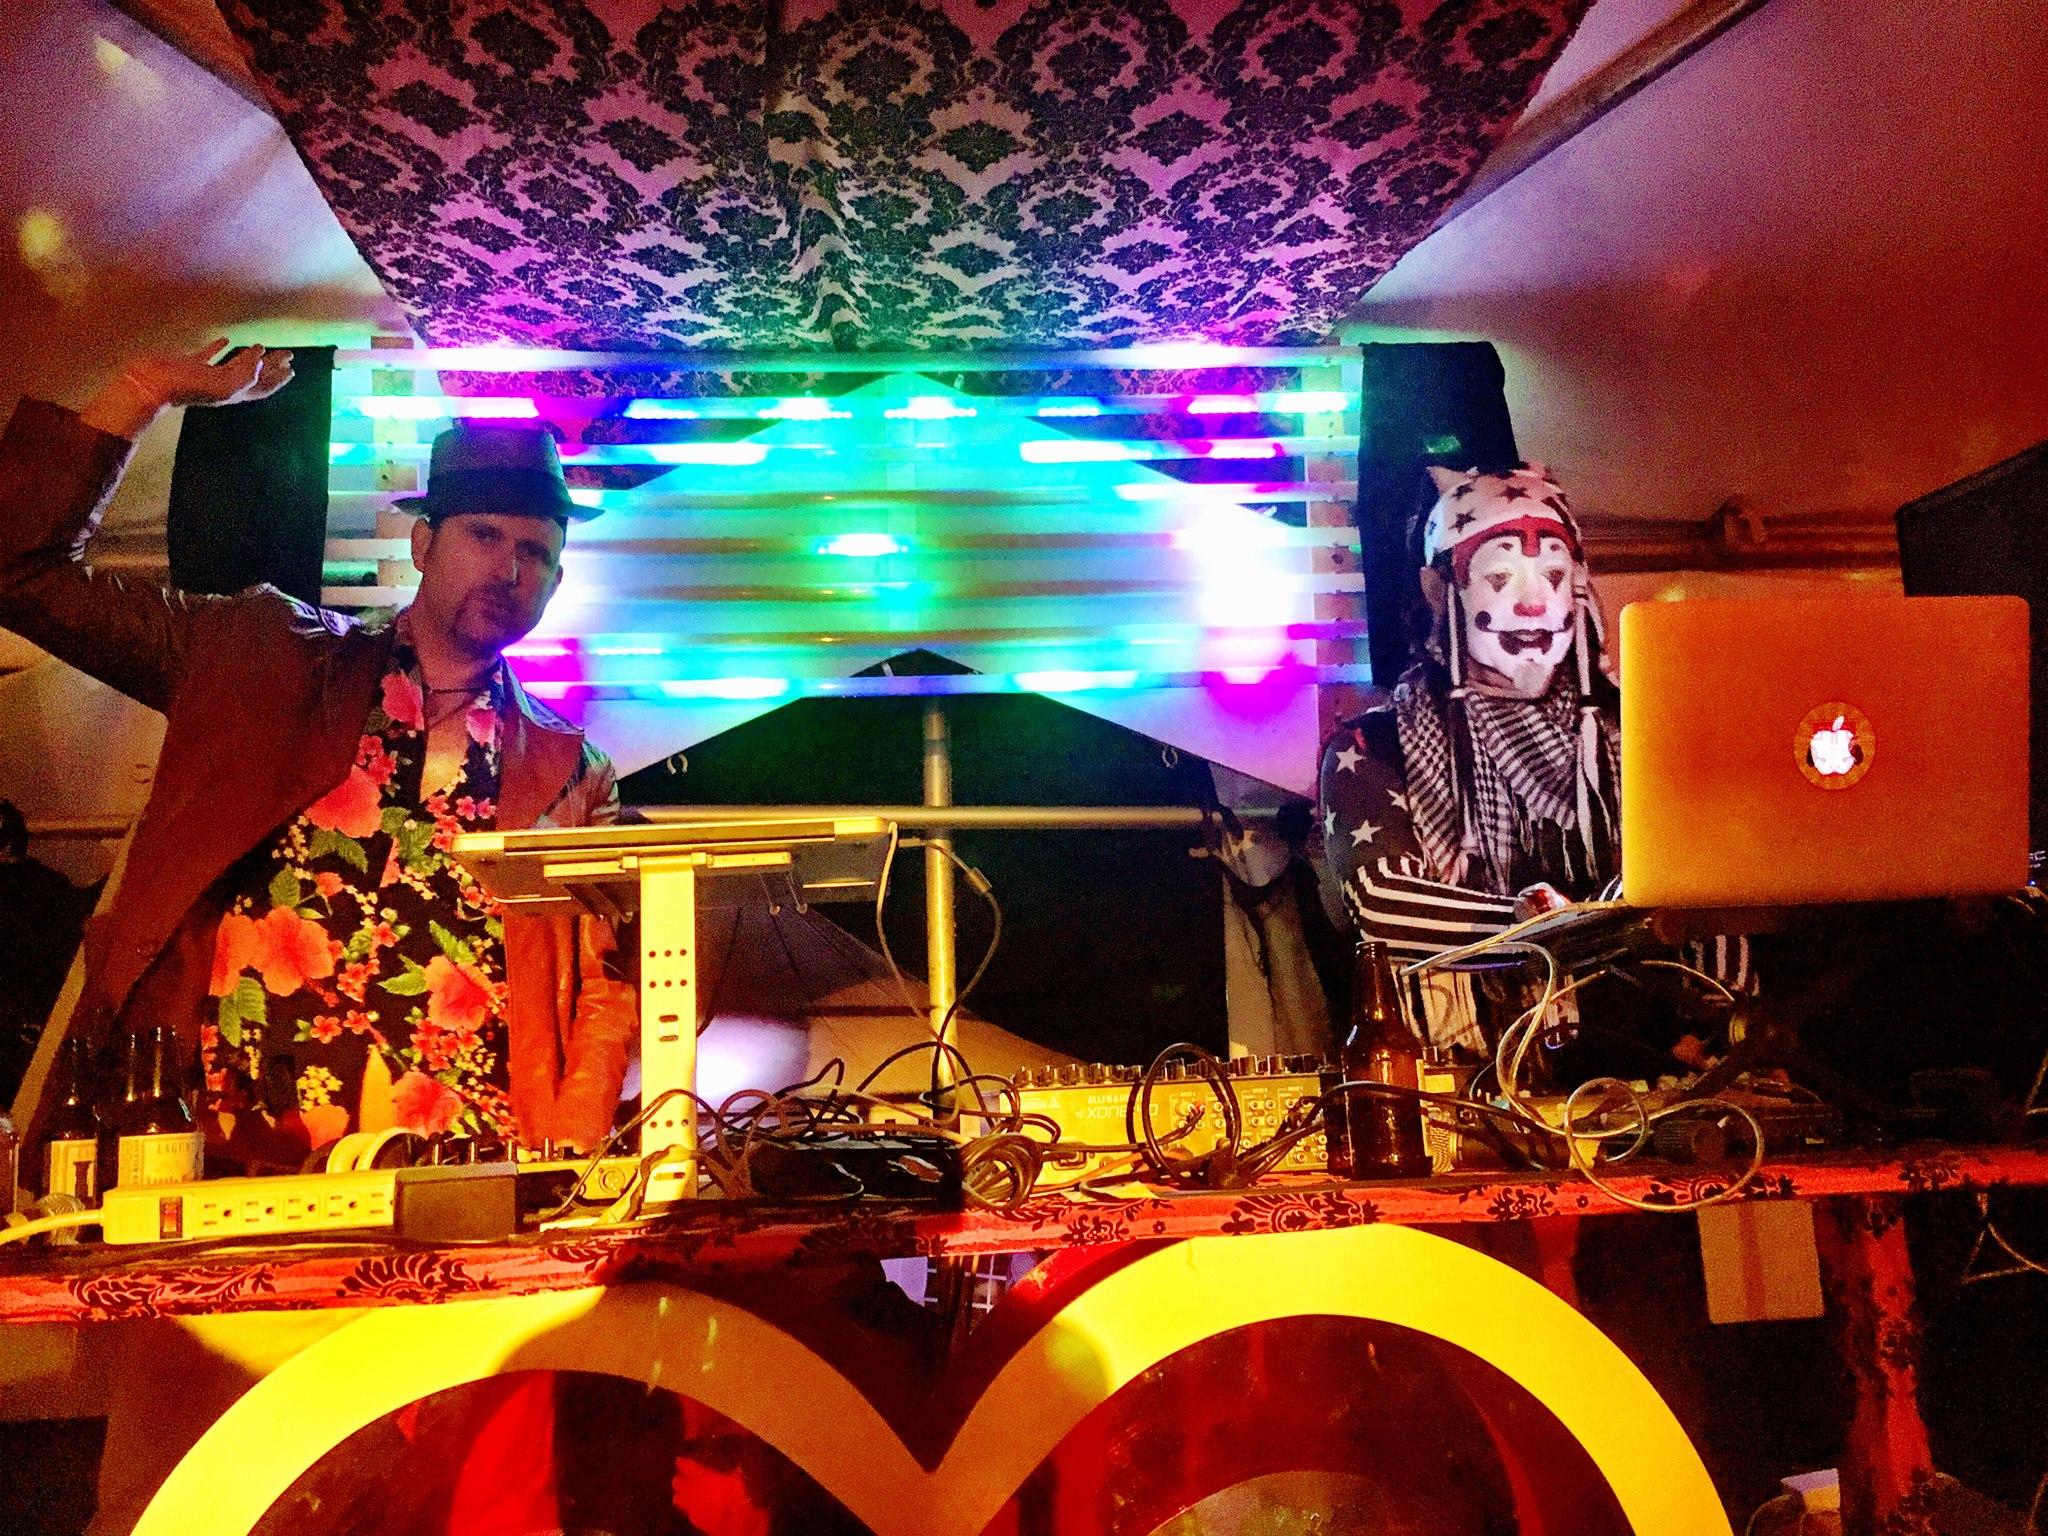 The Klown & Delachaux DJing Trapeze Worldwide - Amori's Casino, Lighting In A Bottle 2016